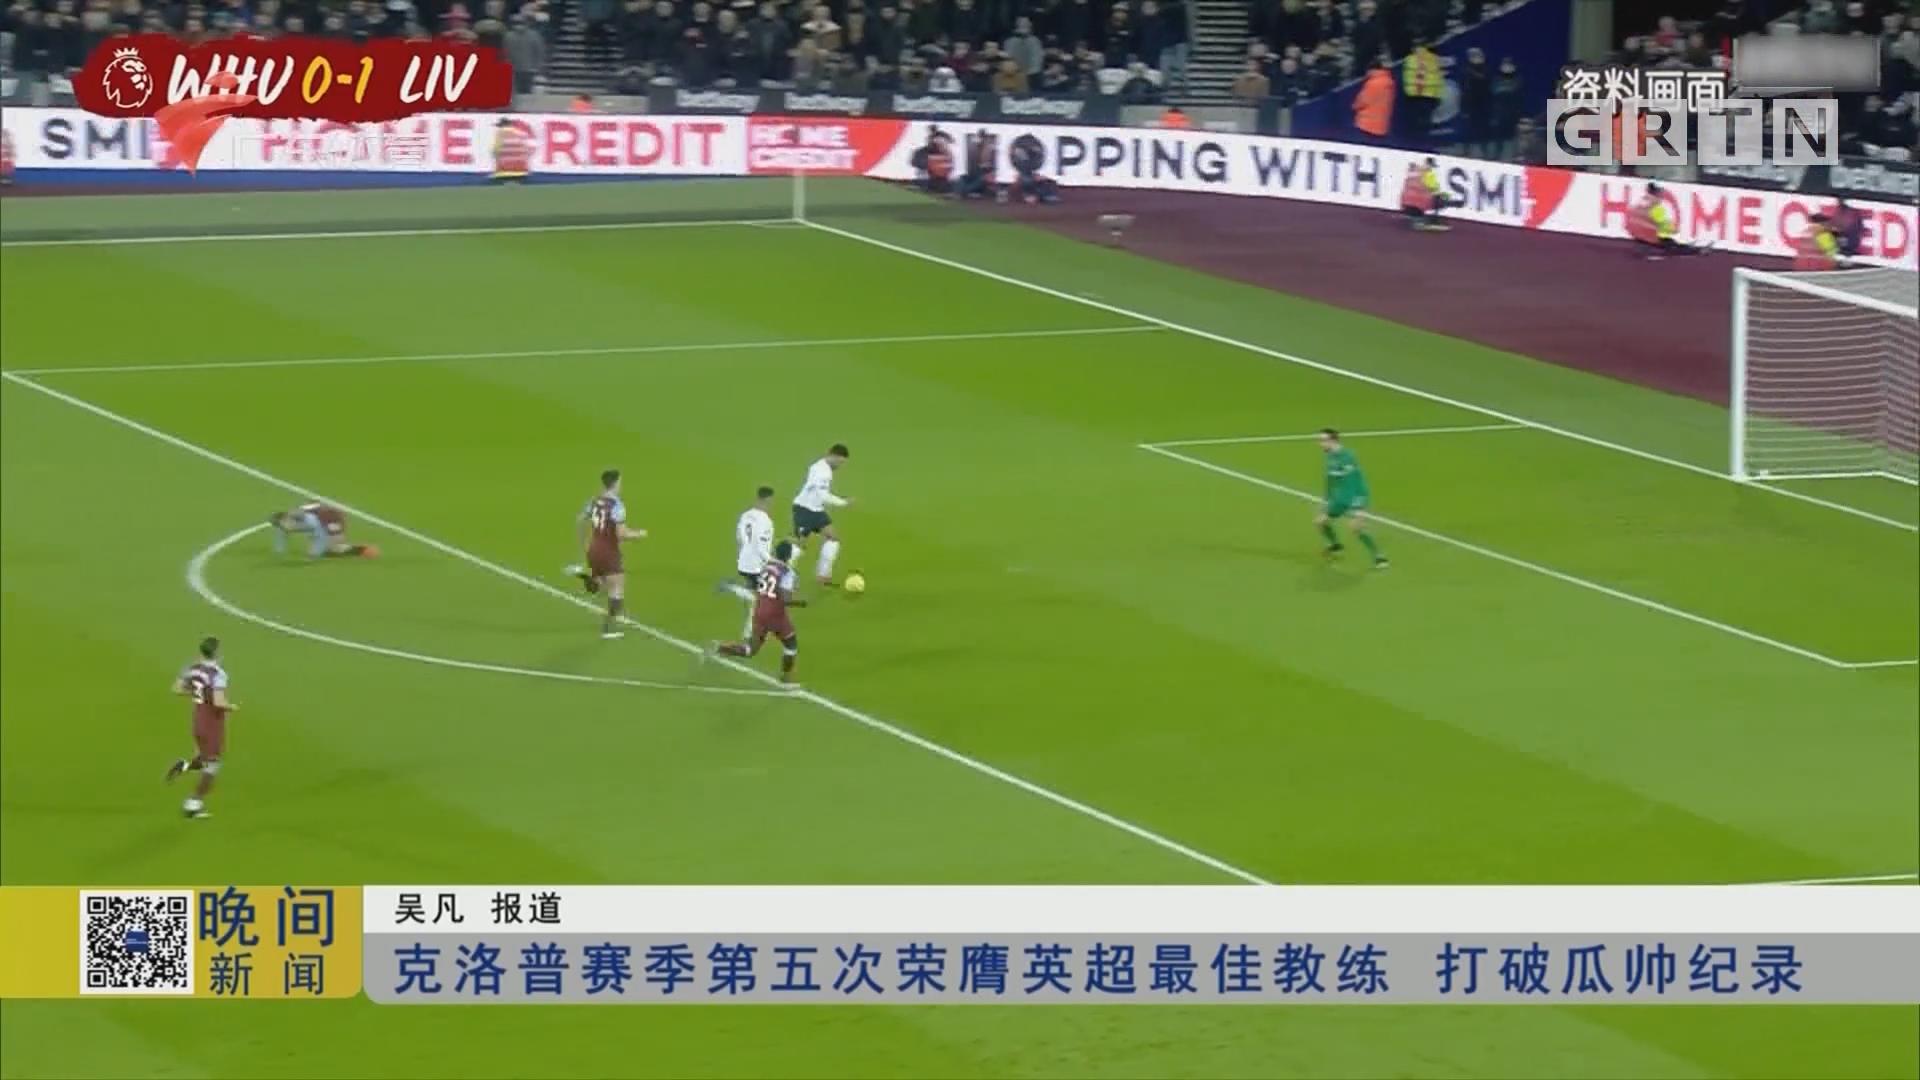 克洛普赛季第五次荣膺英超最佳教练 打破瓜帅纪录